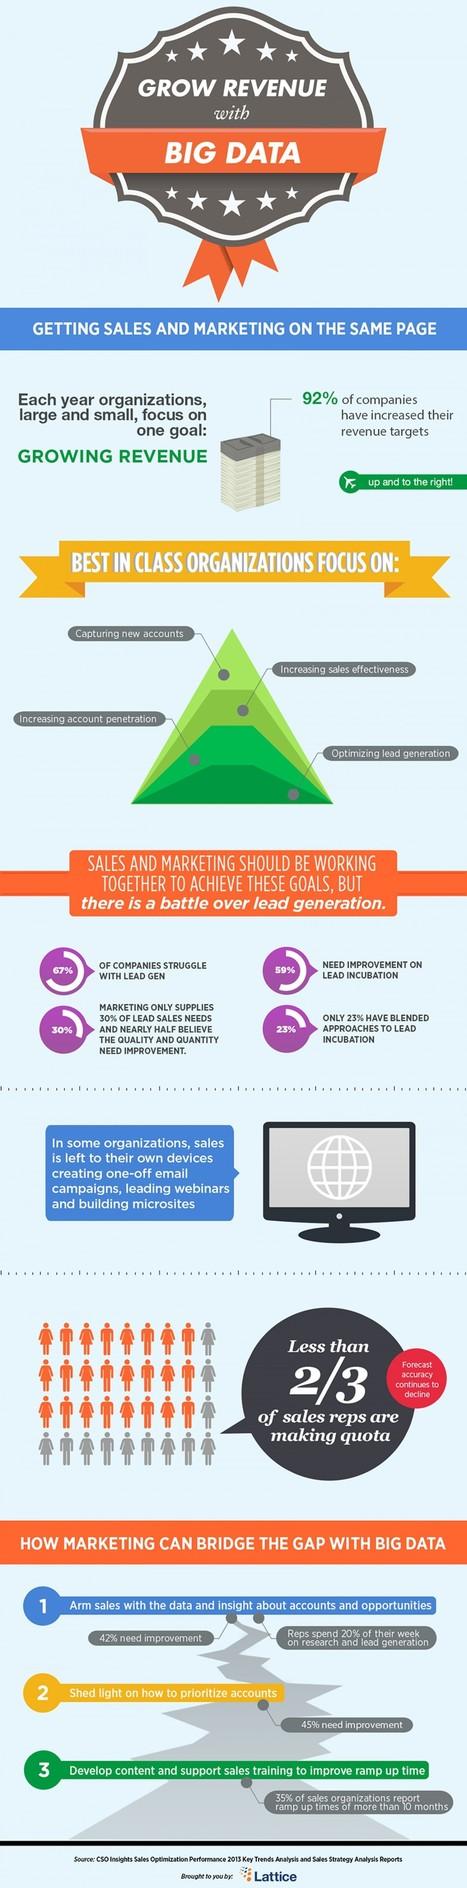 Augmenter ses ventes et son CA avec le Big Data #Marketing #Lead   Veille et curation du web   Scoop.it